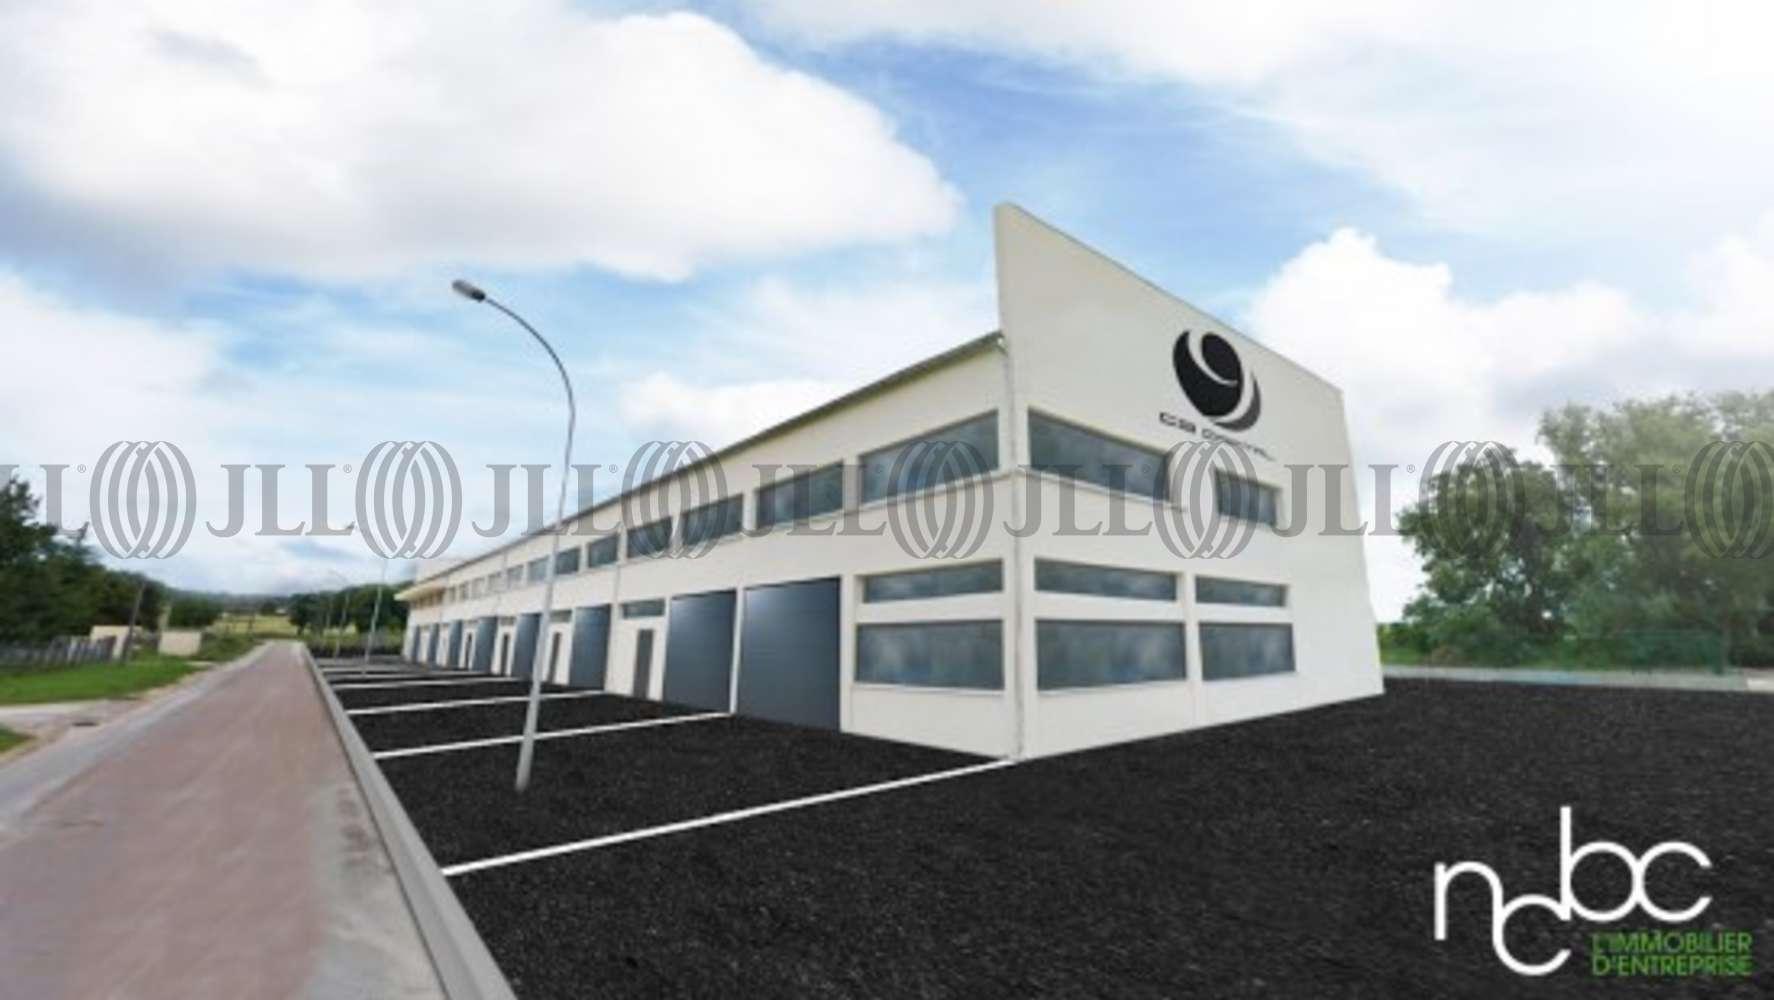 Activités/entrepôt Ladoix serrigny, 21550